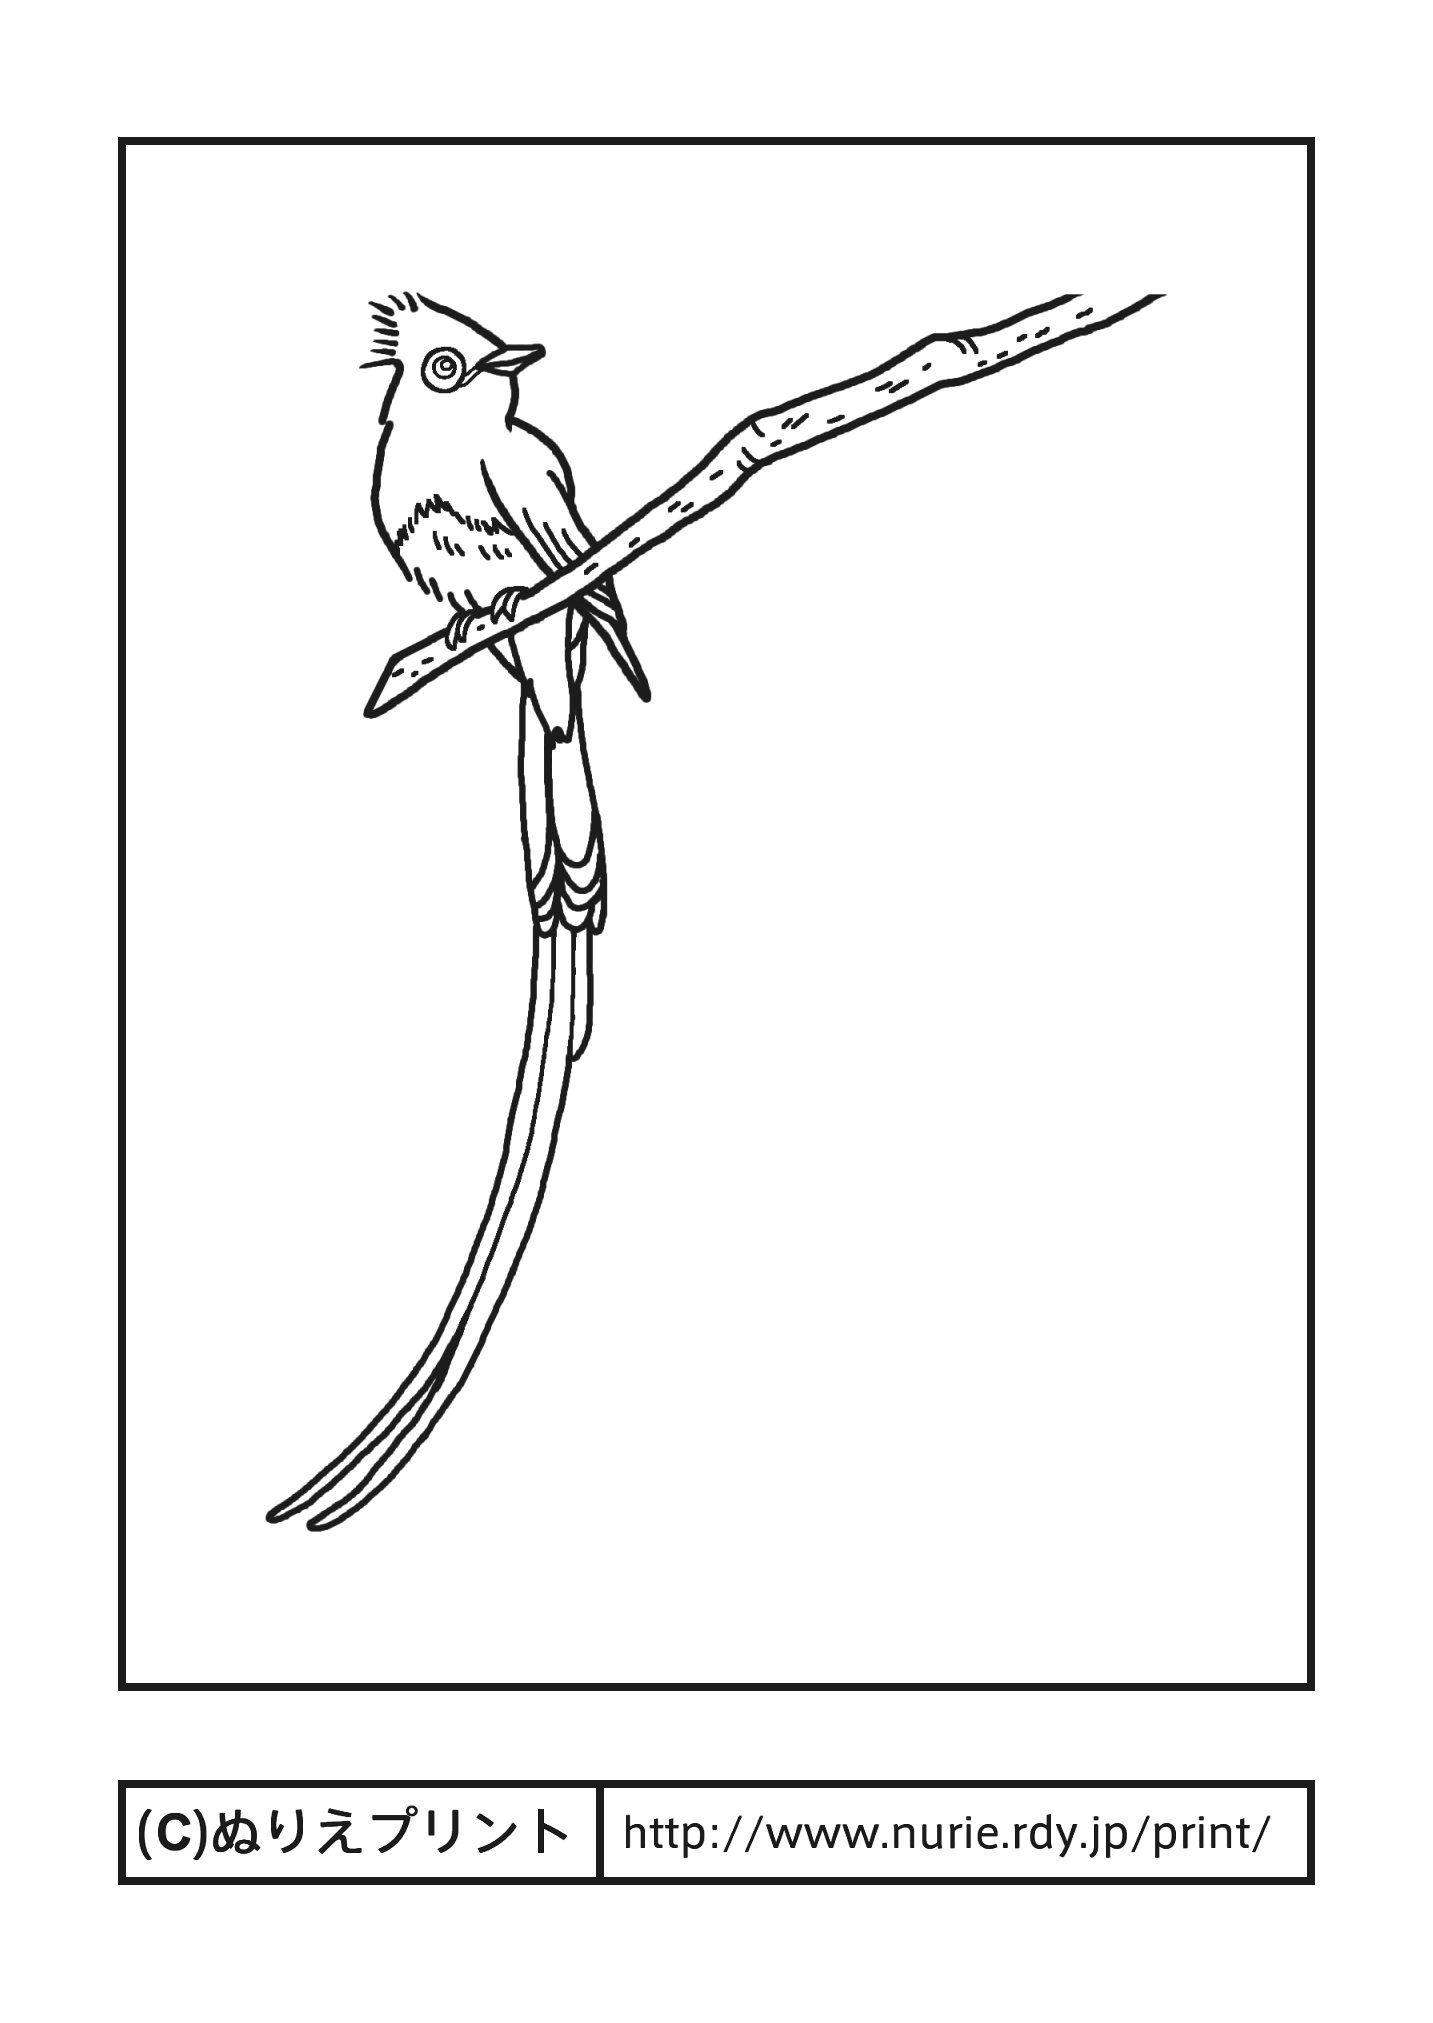 サンコウチョウ三光鳥主線黒静岡県の鳥無料塗り絵都道府県